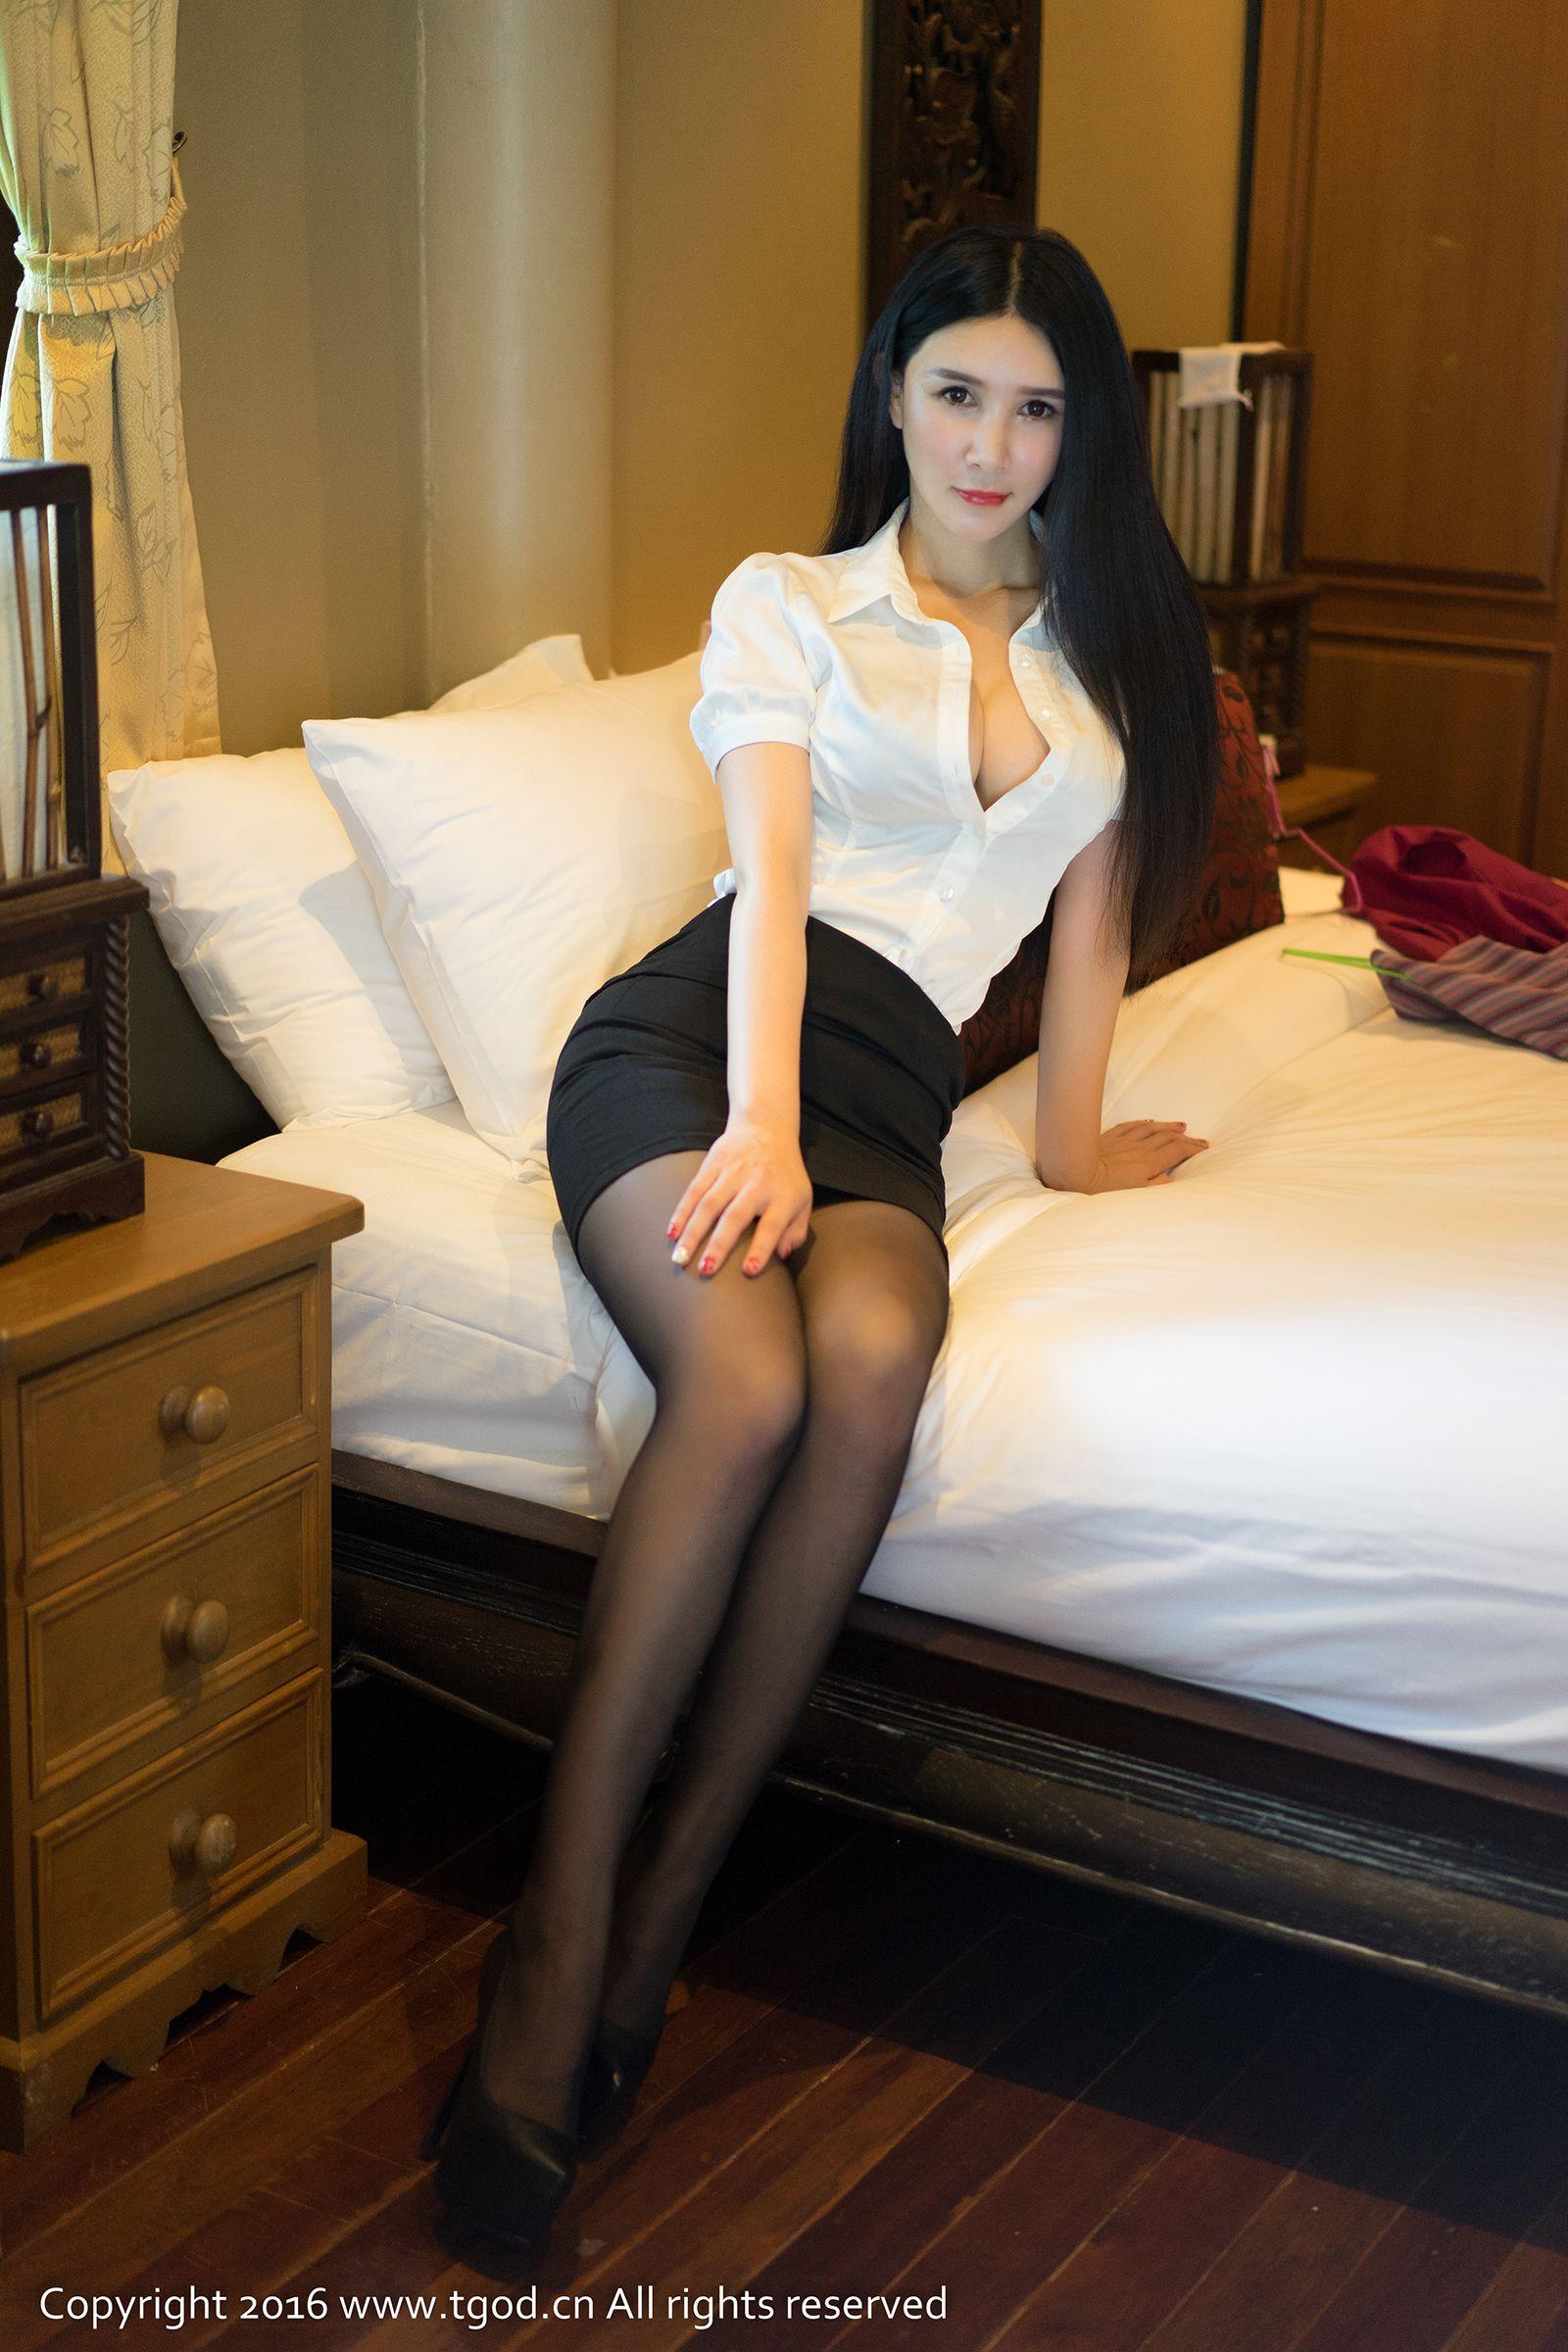 [尤蜜荟] 顾欣怡 ~黑丝OL系列《苏梅岛旅拍》 第二刊 ~ [44P]